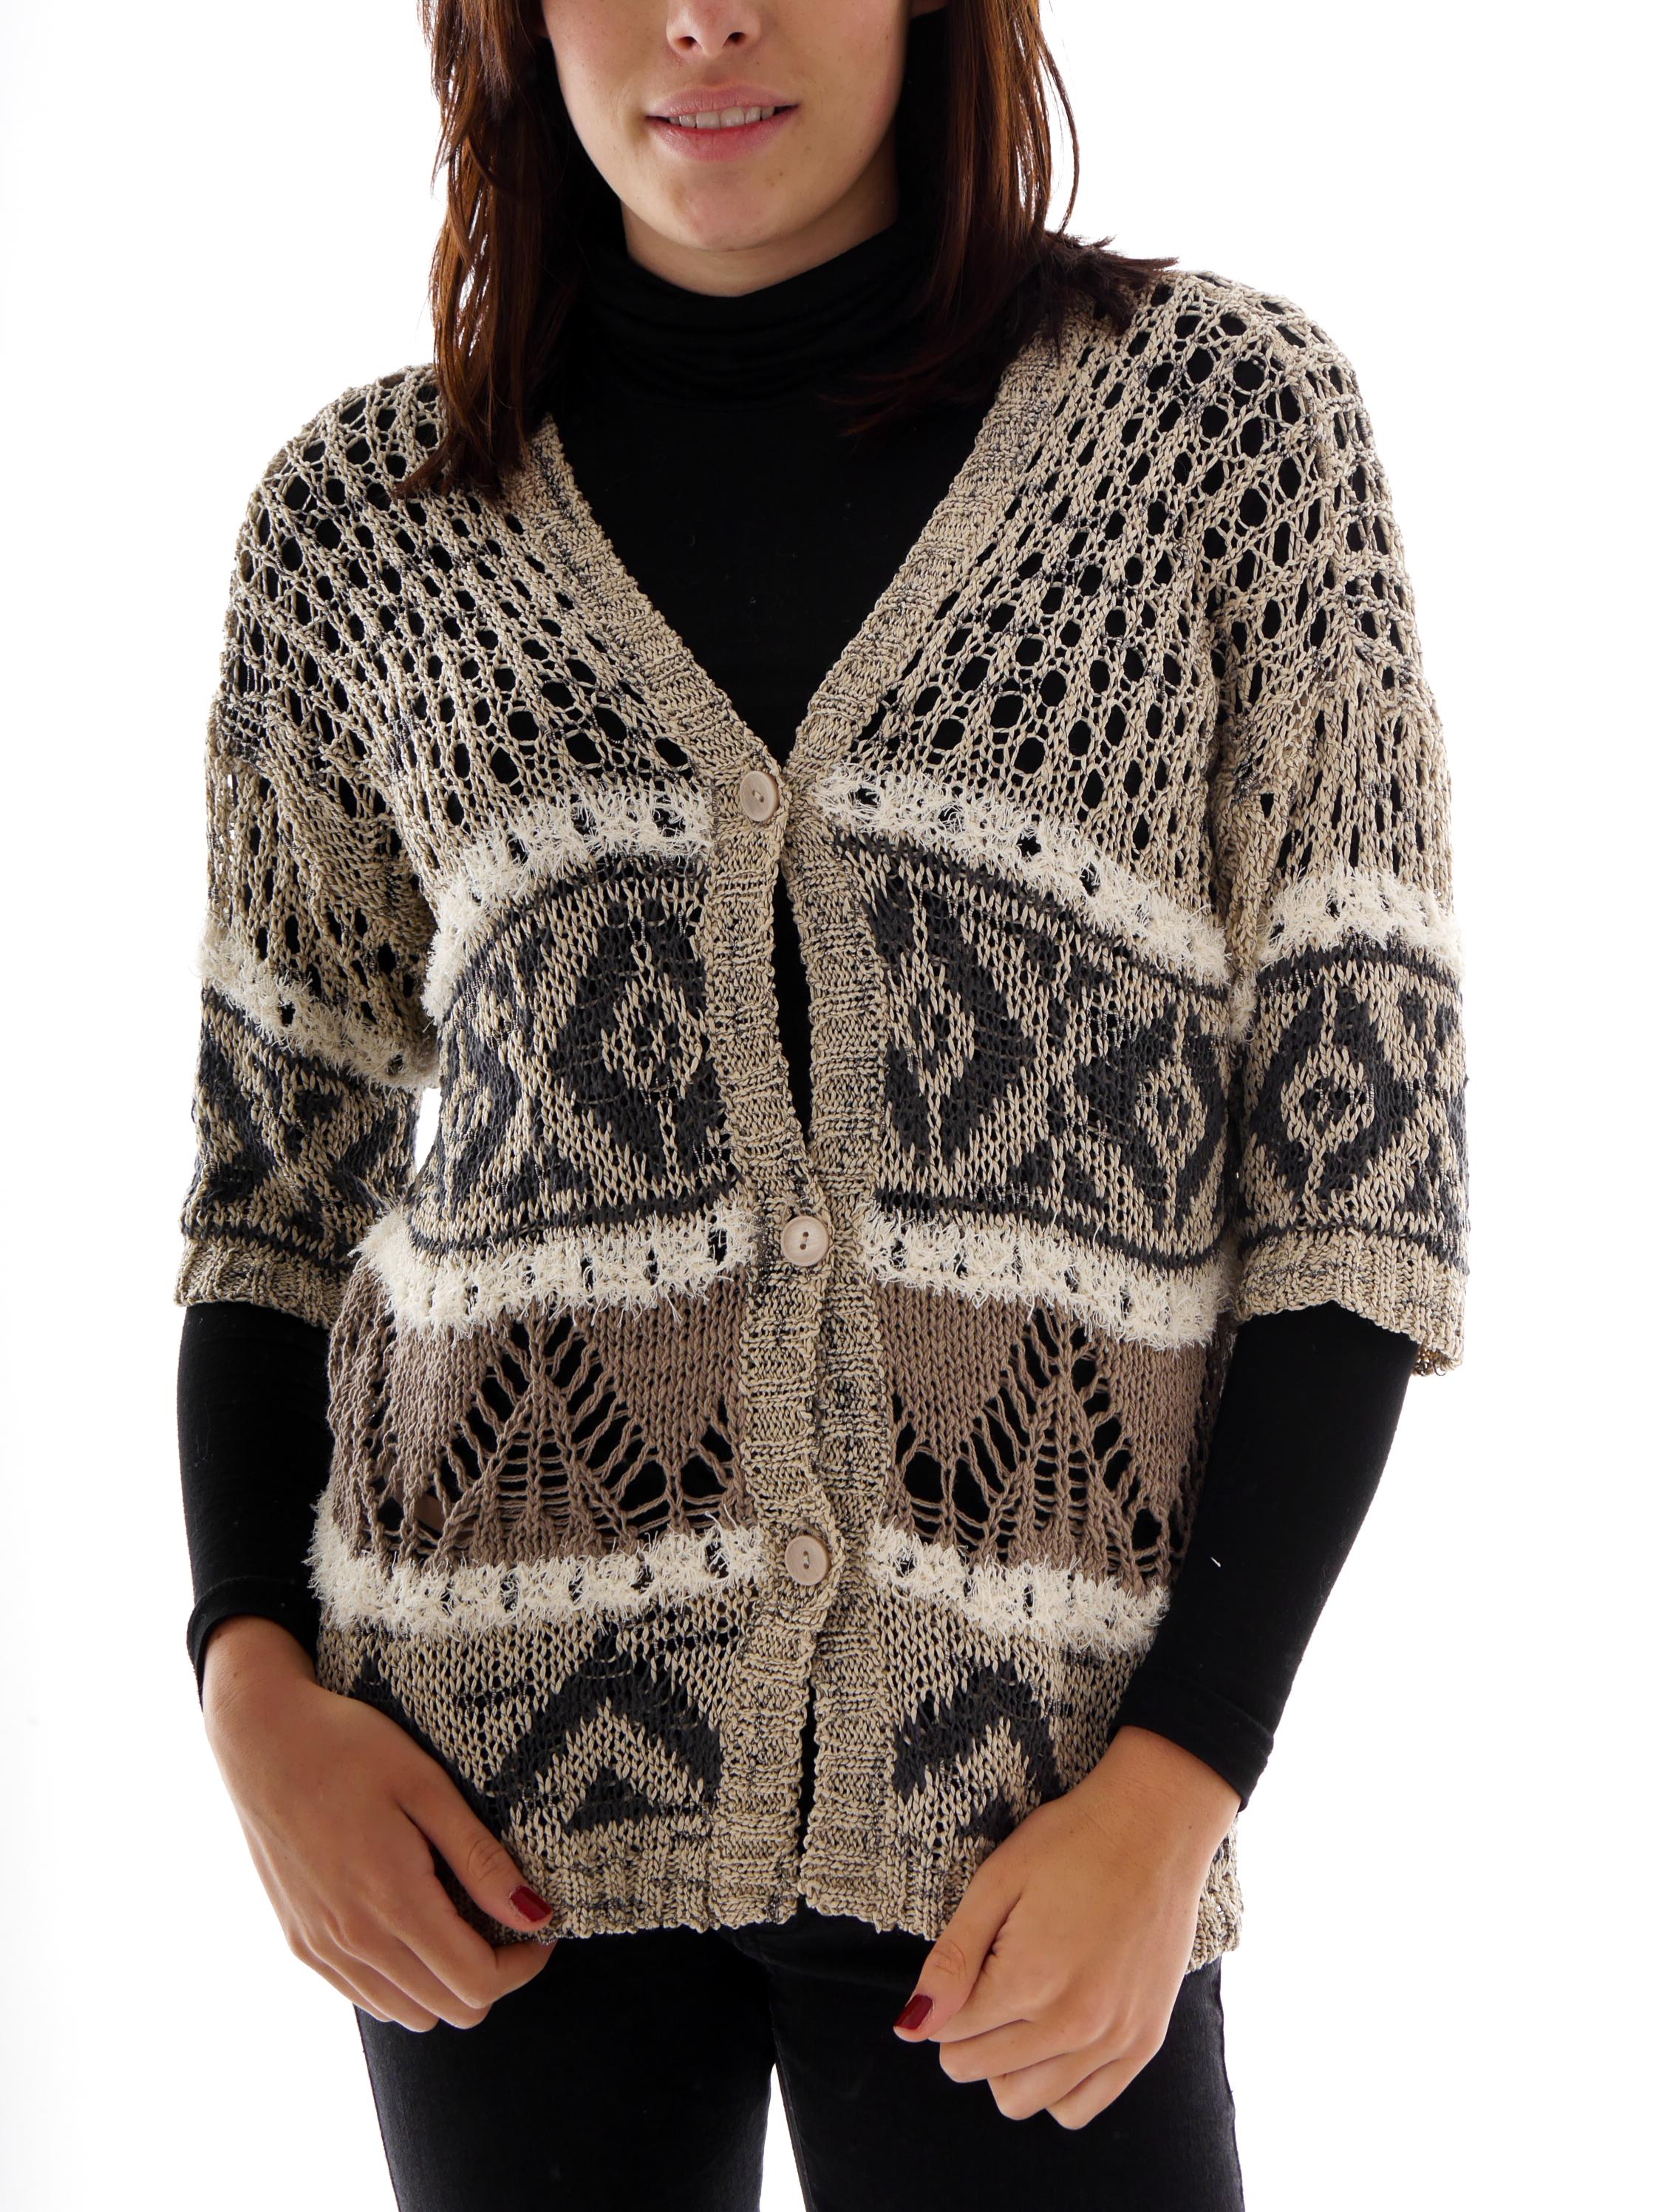 Please Strickjacke Häkeljacke beige V - Ausschnitt Muster halbarm | eBay